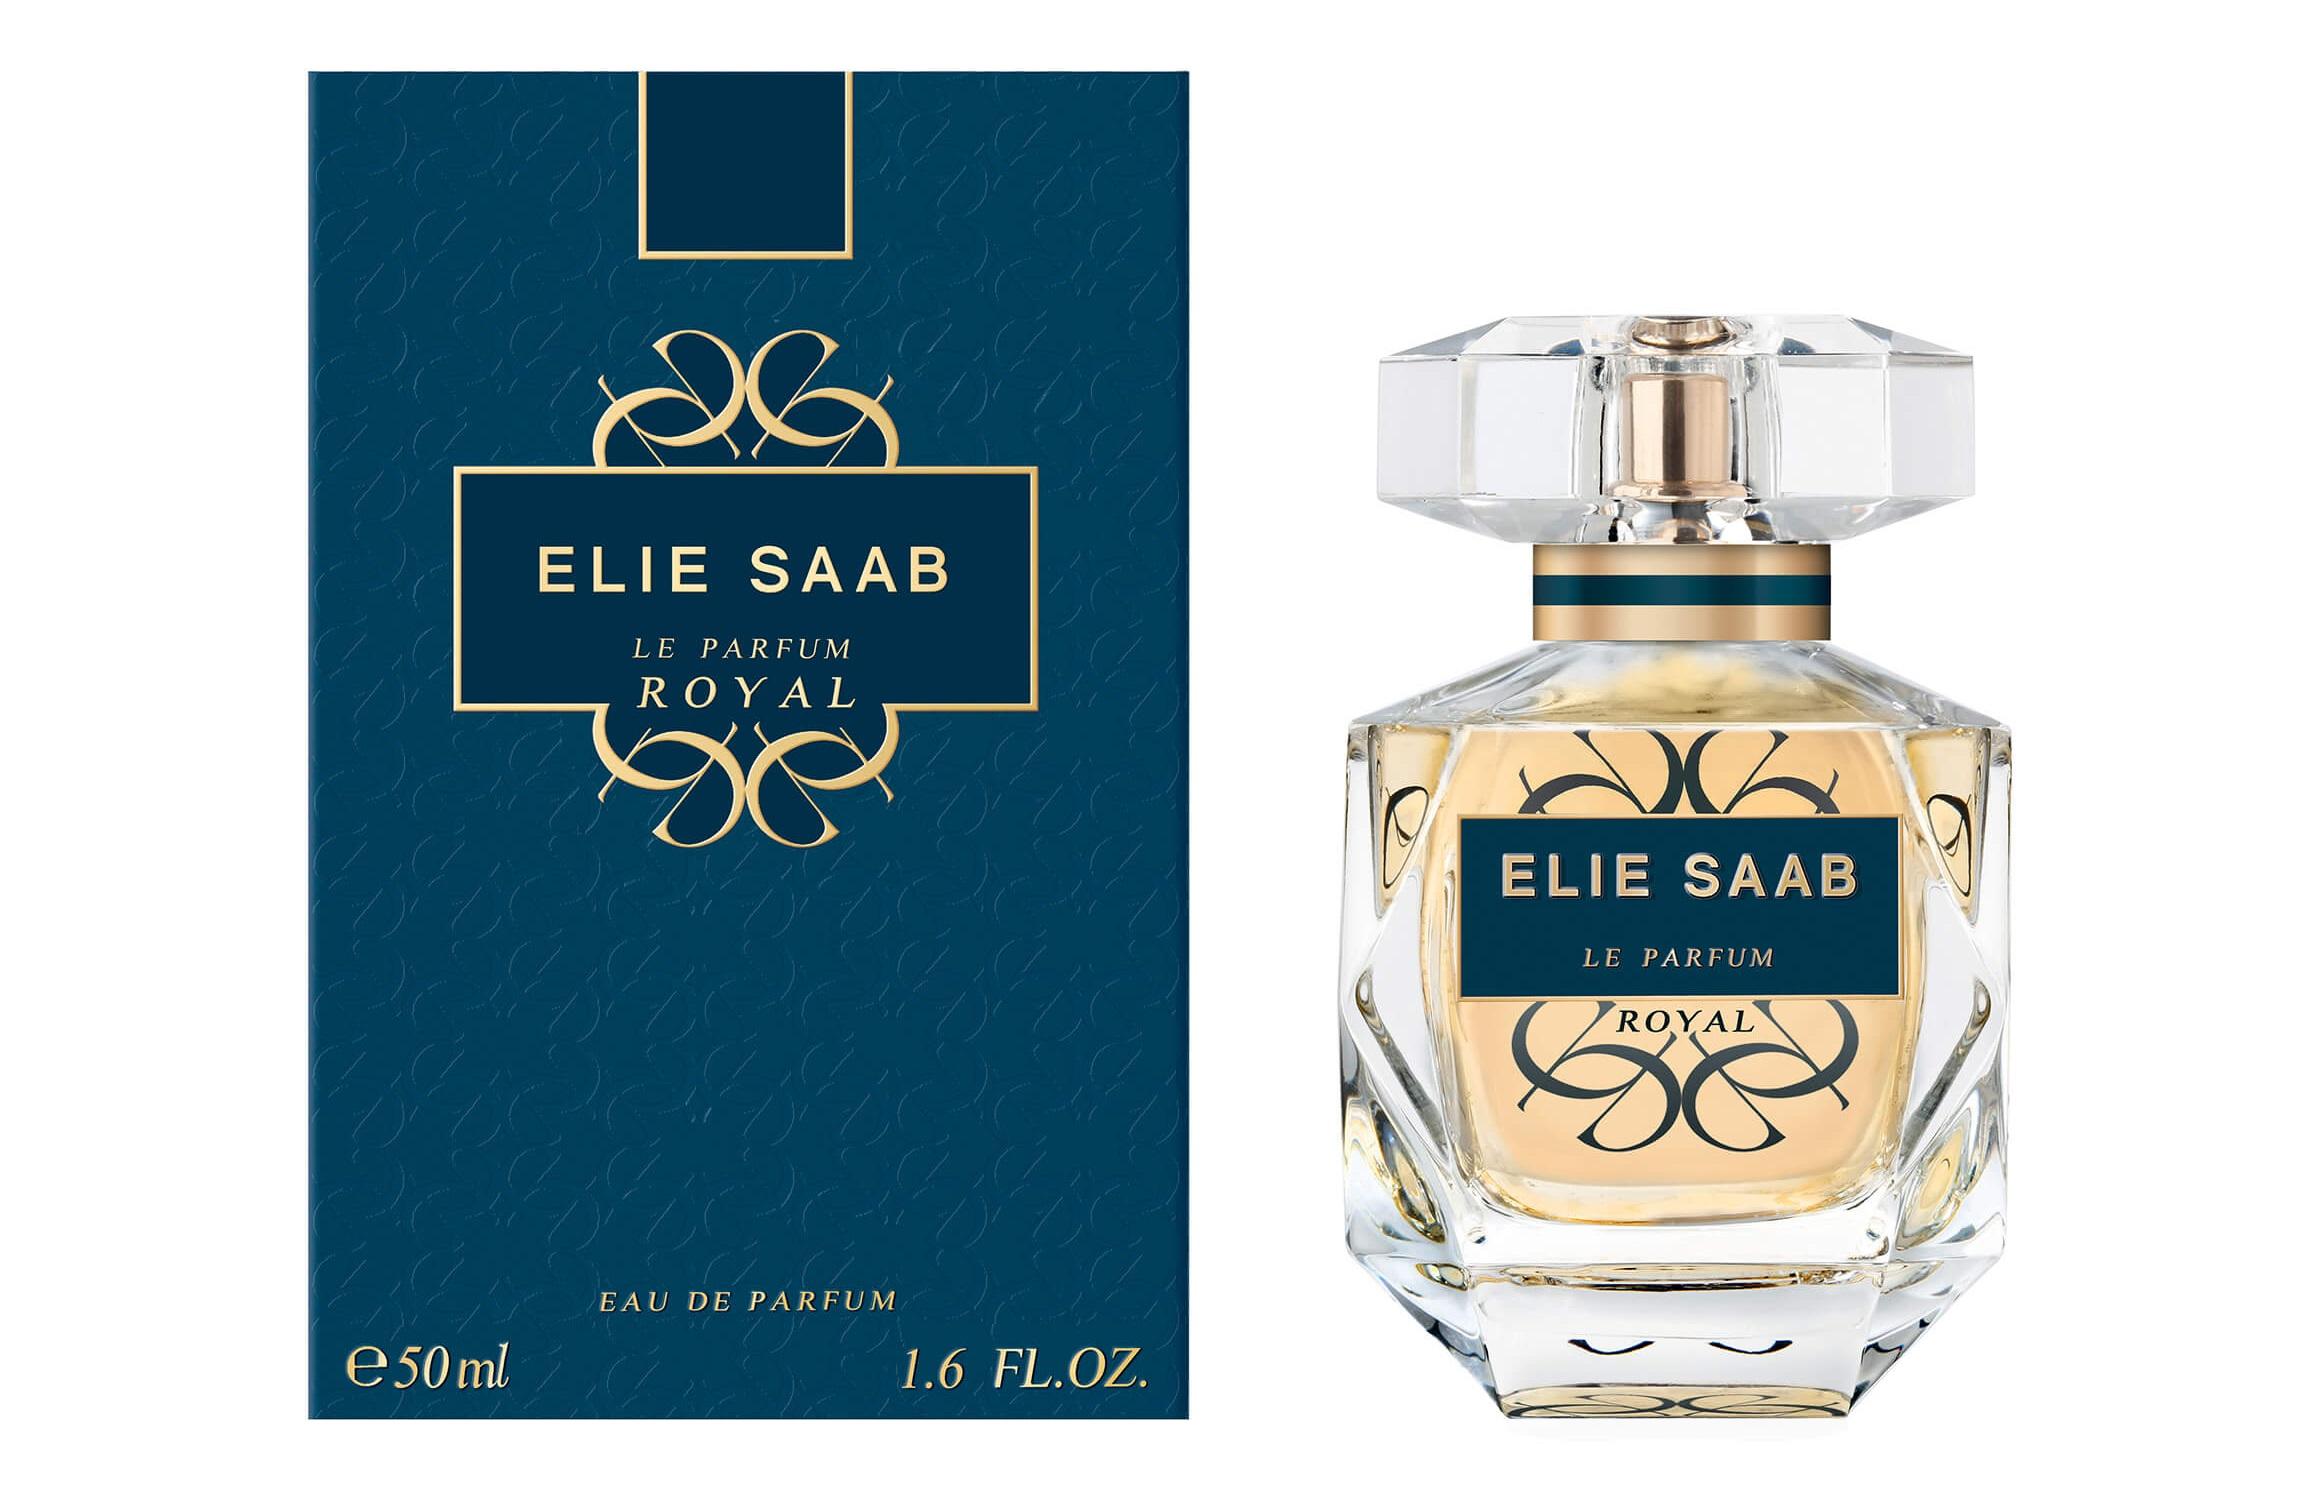 Le Parfum Royal 50 mL